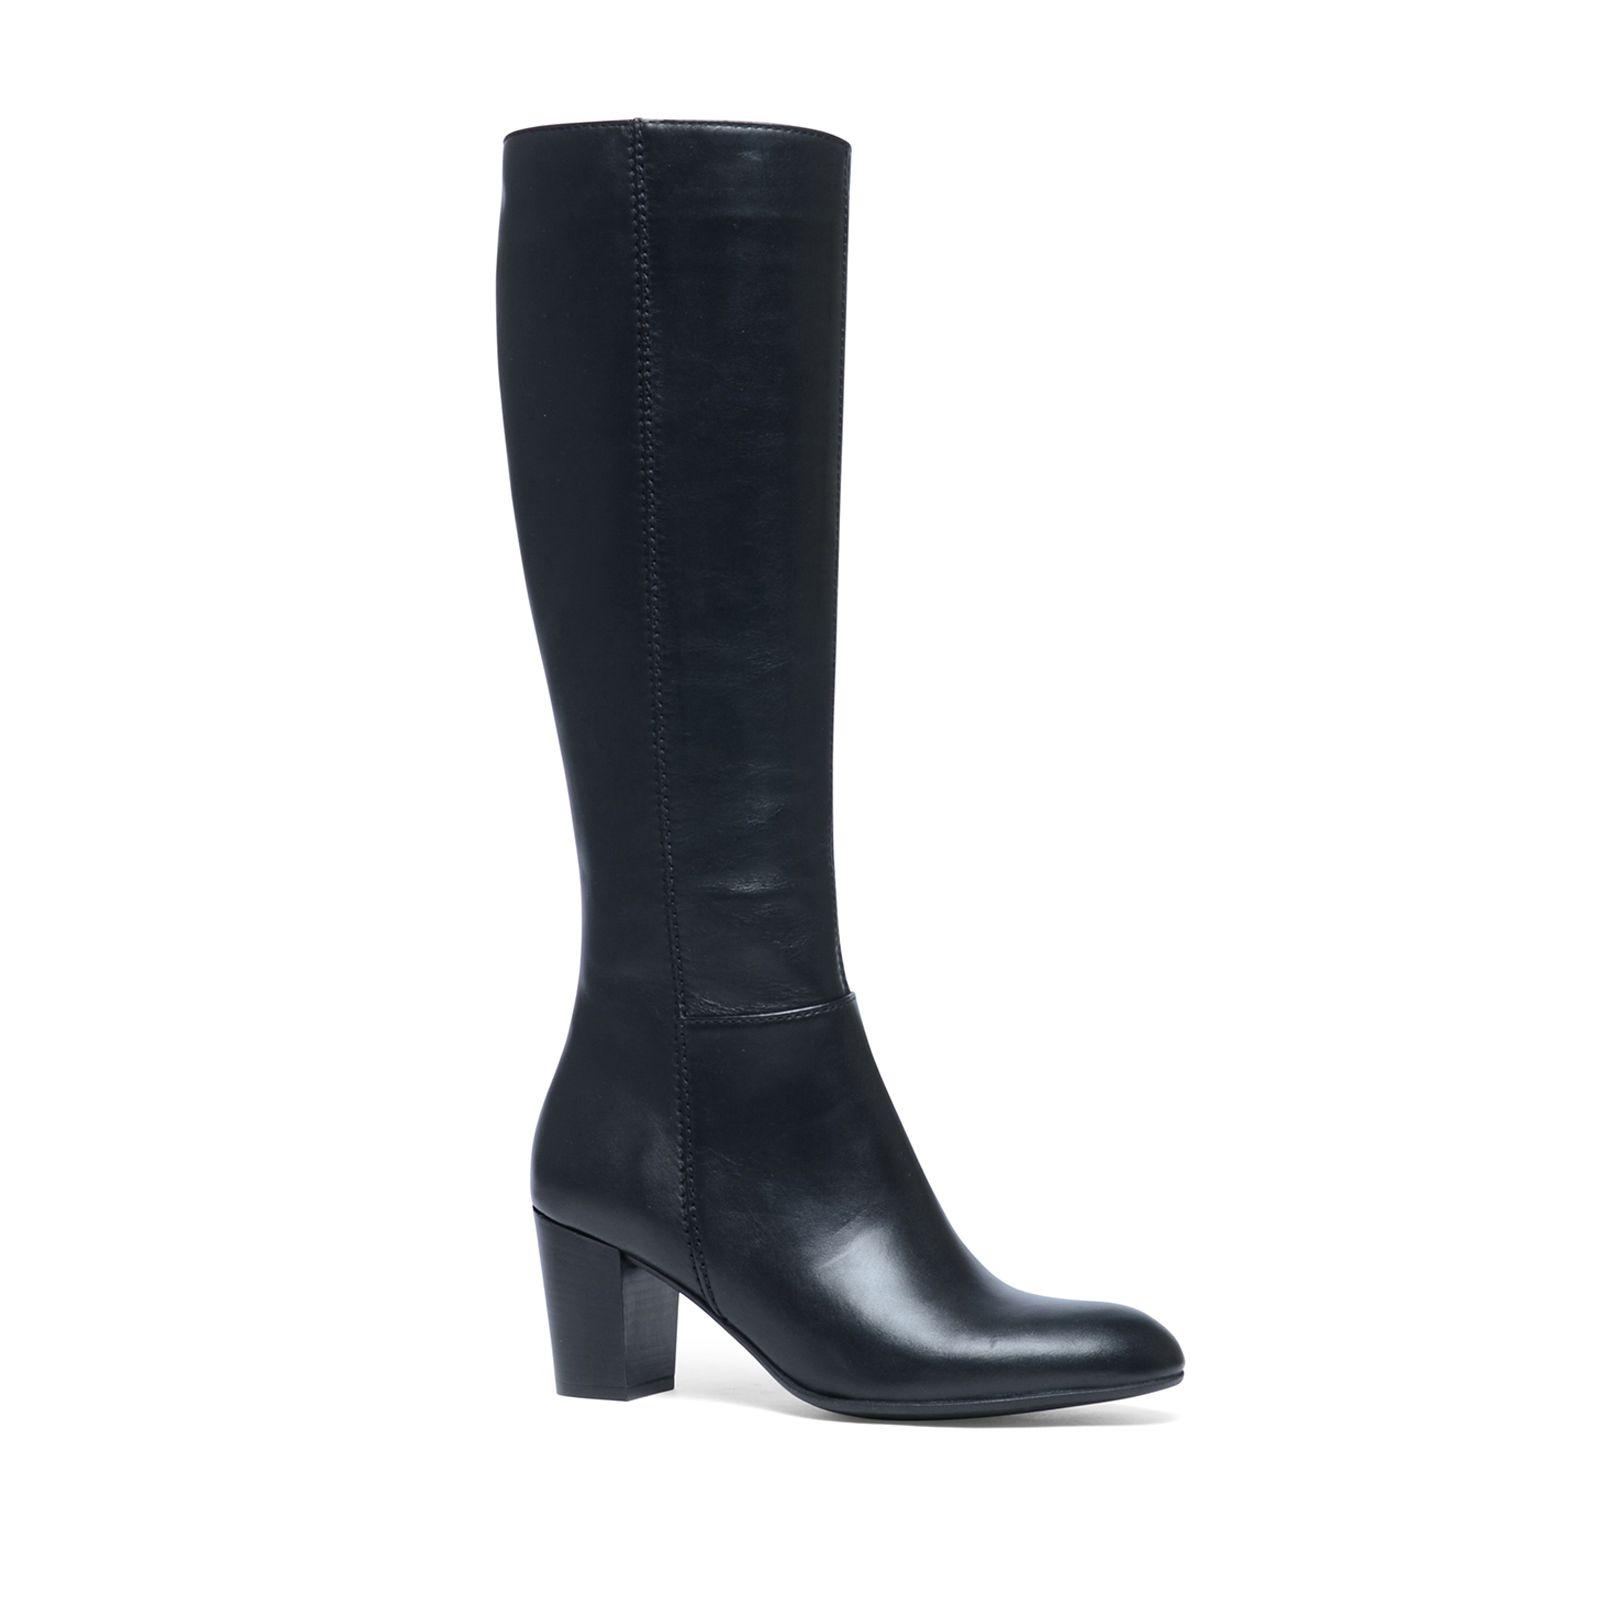 Zwarte hoge laarzen met hak Dames | MANFIELD